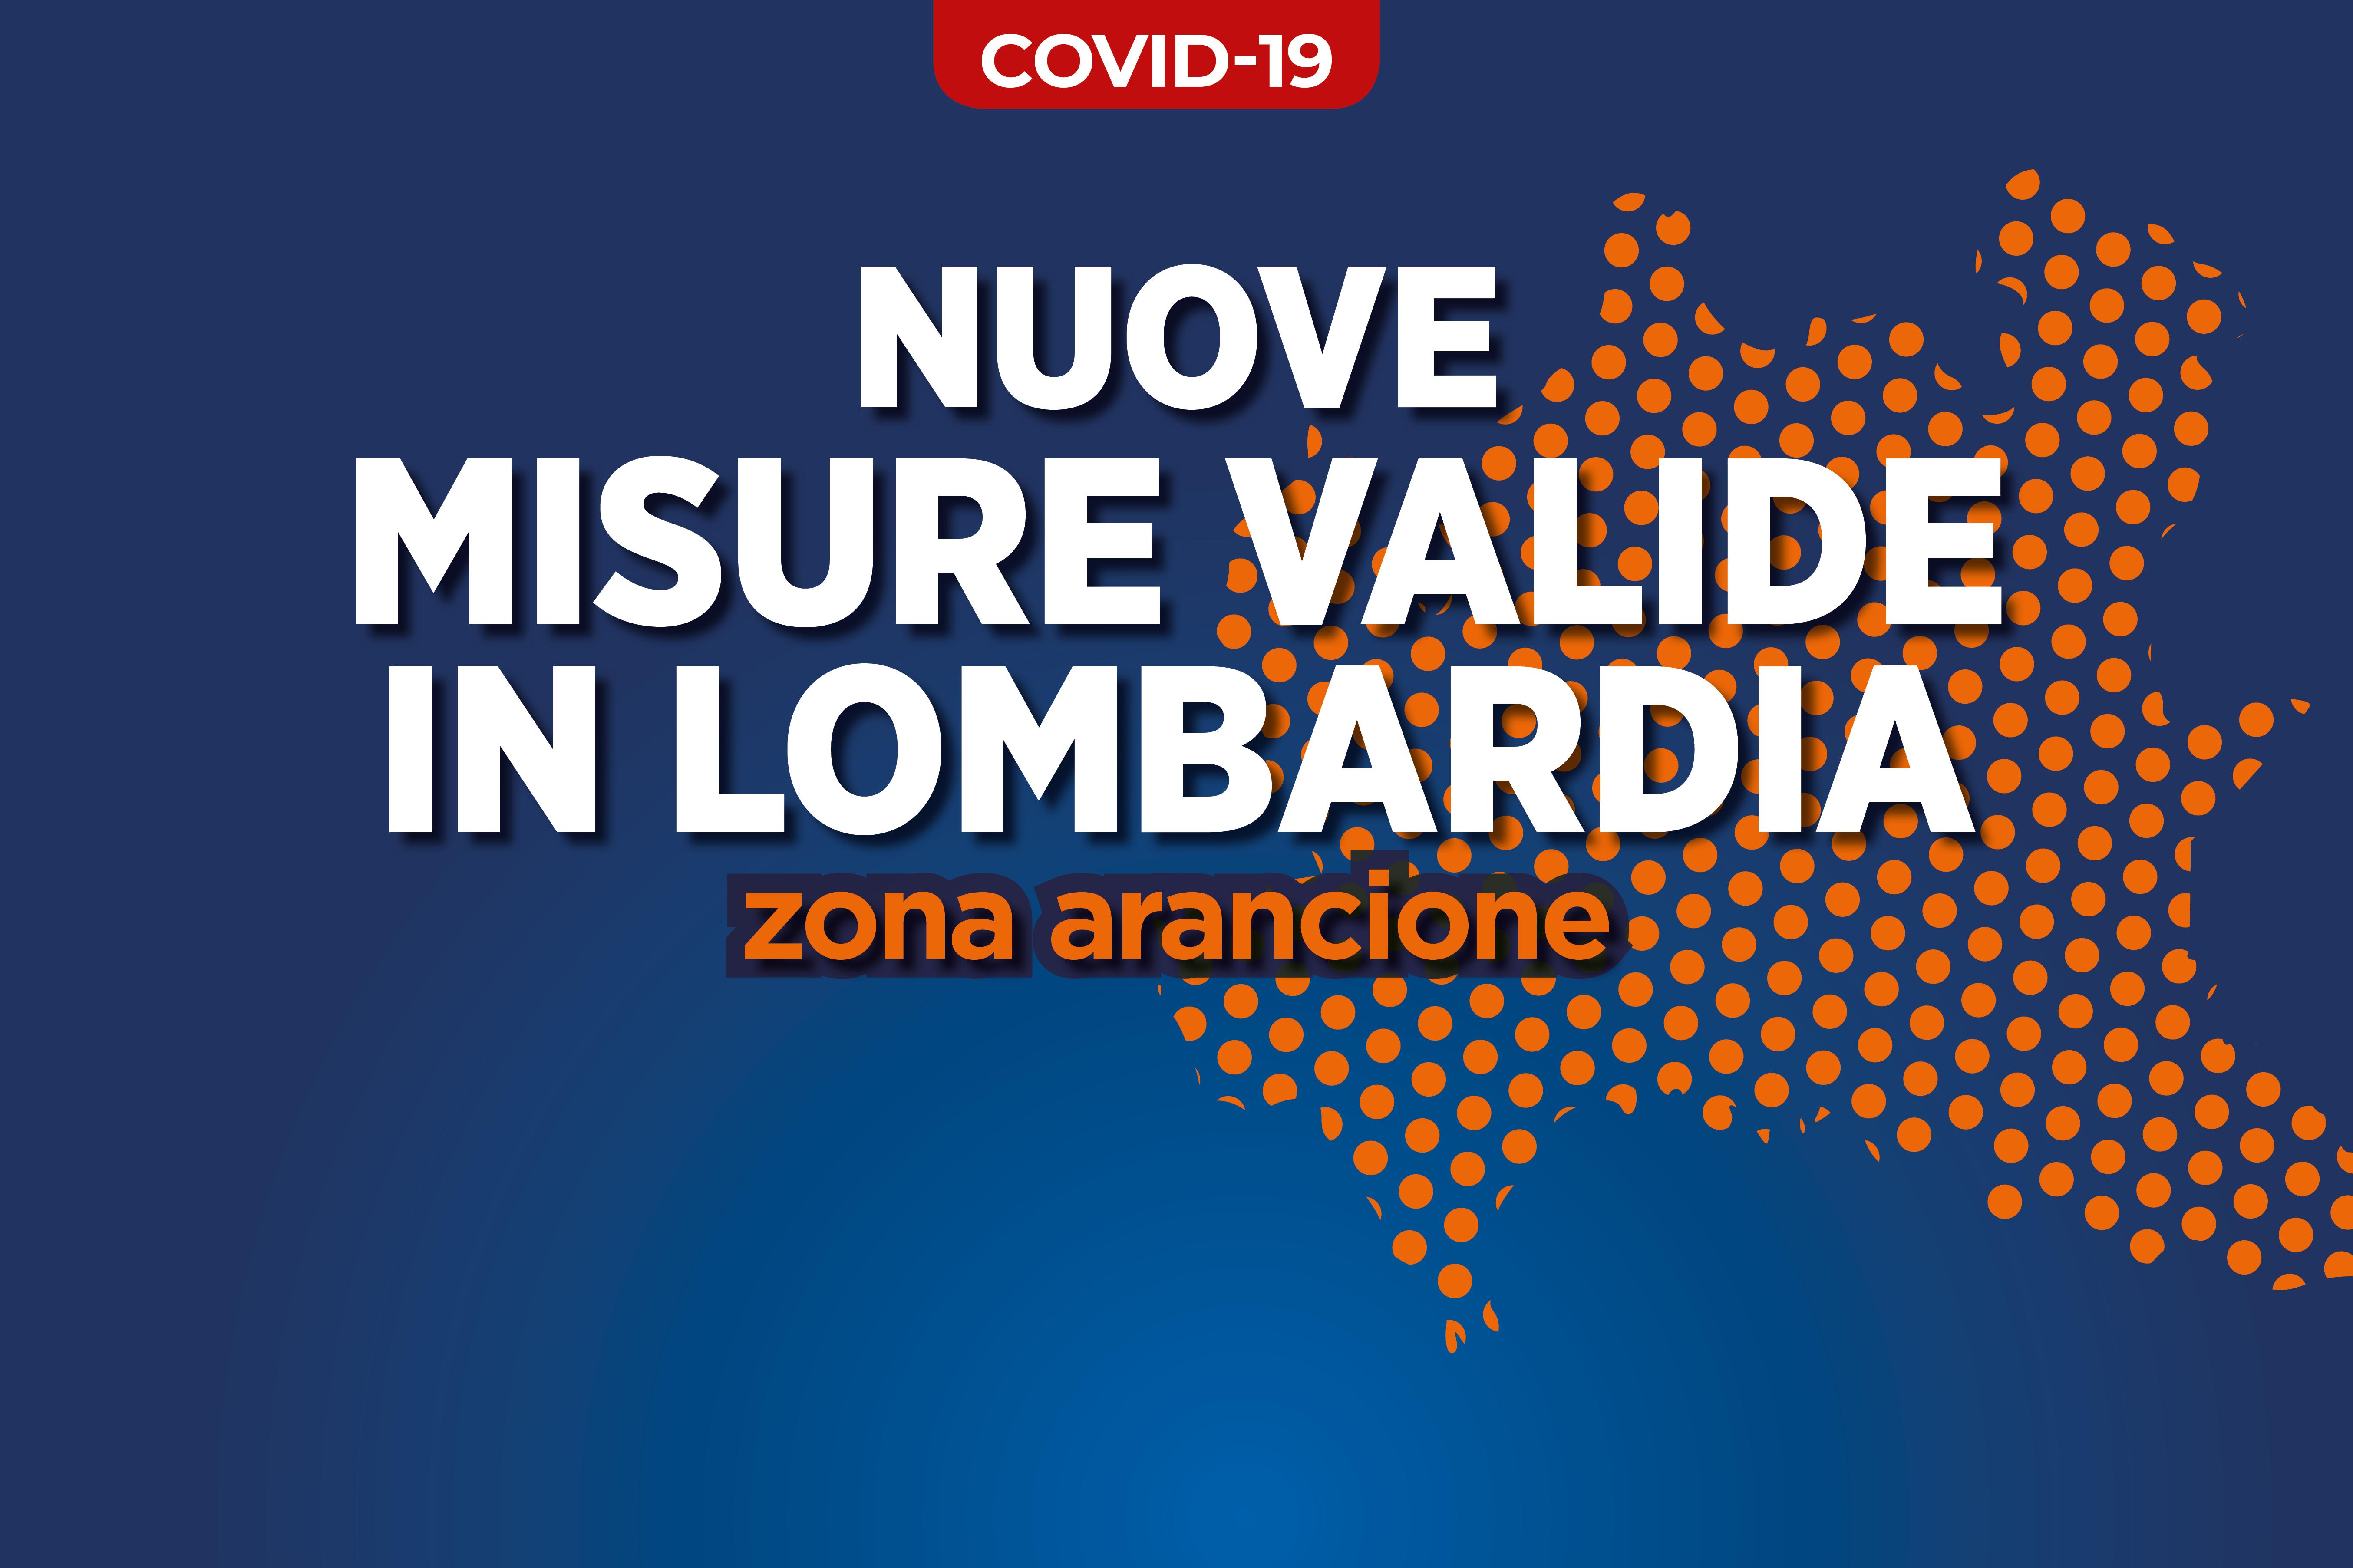 Lombardiazonaarancione:cosacambiaperilcomme